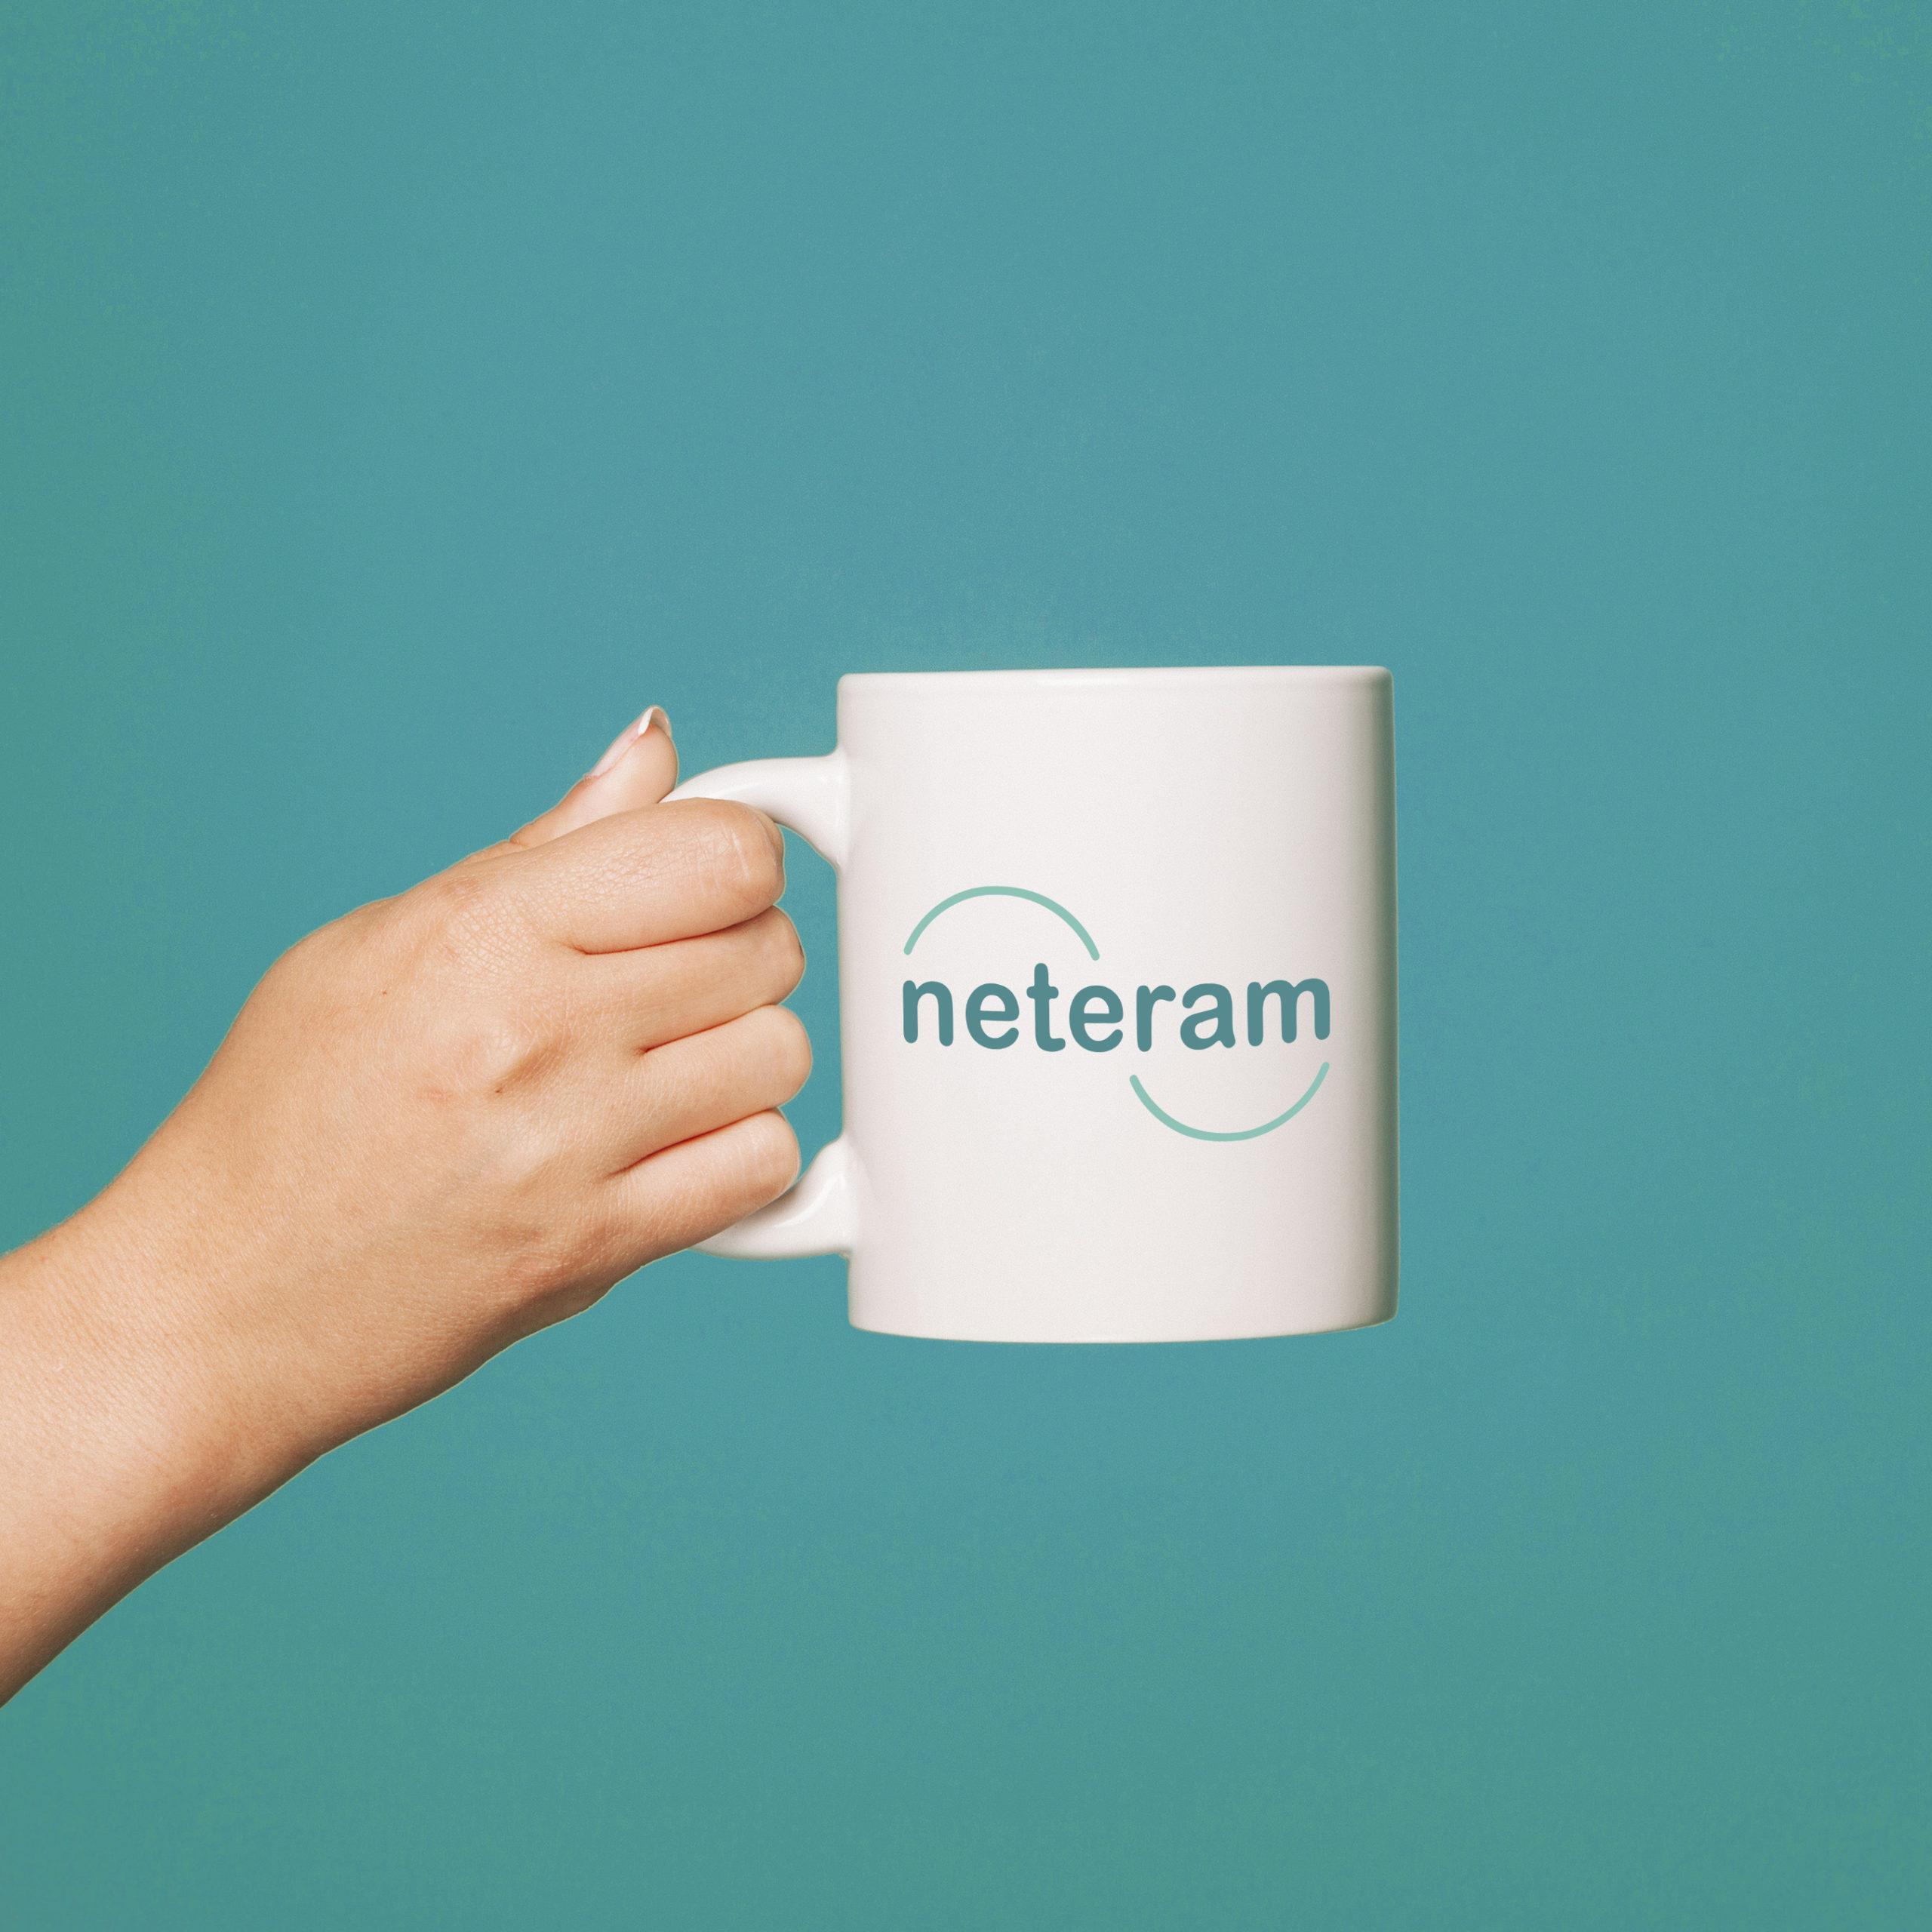 Neteram-muki